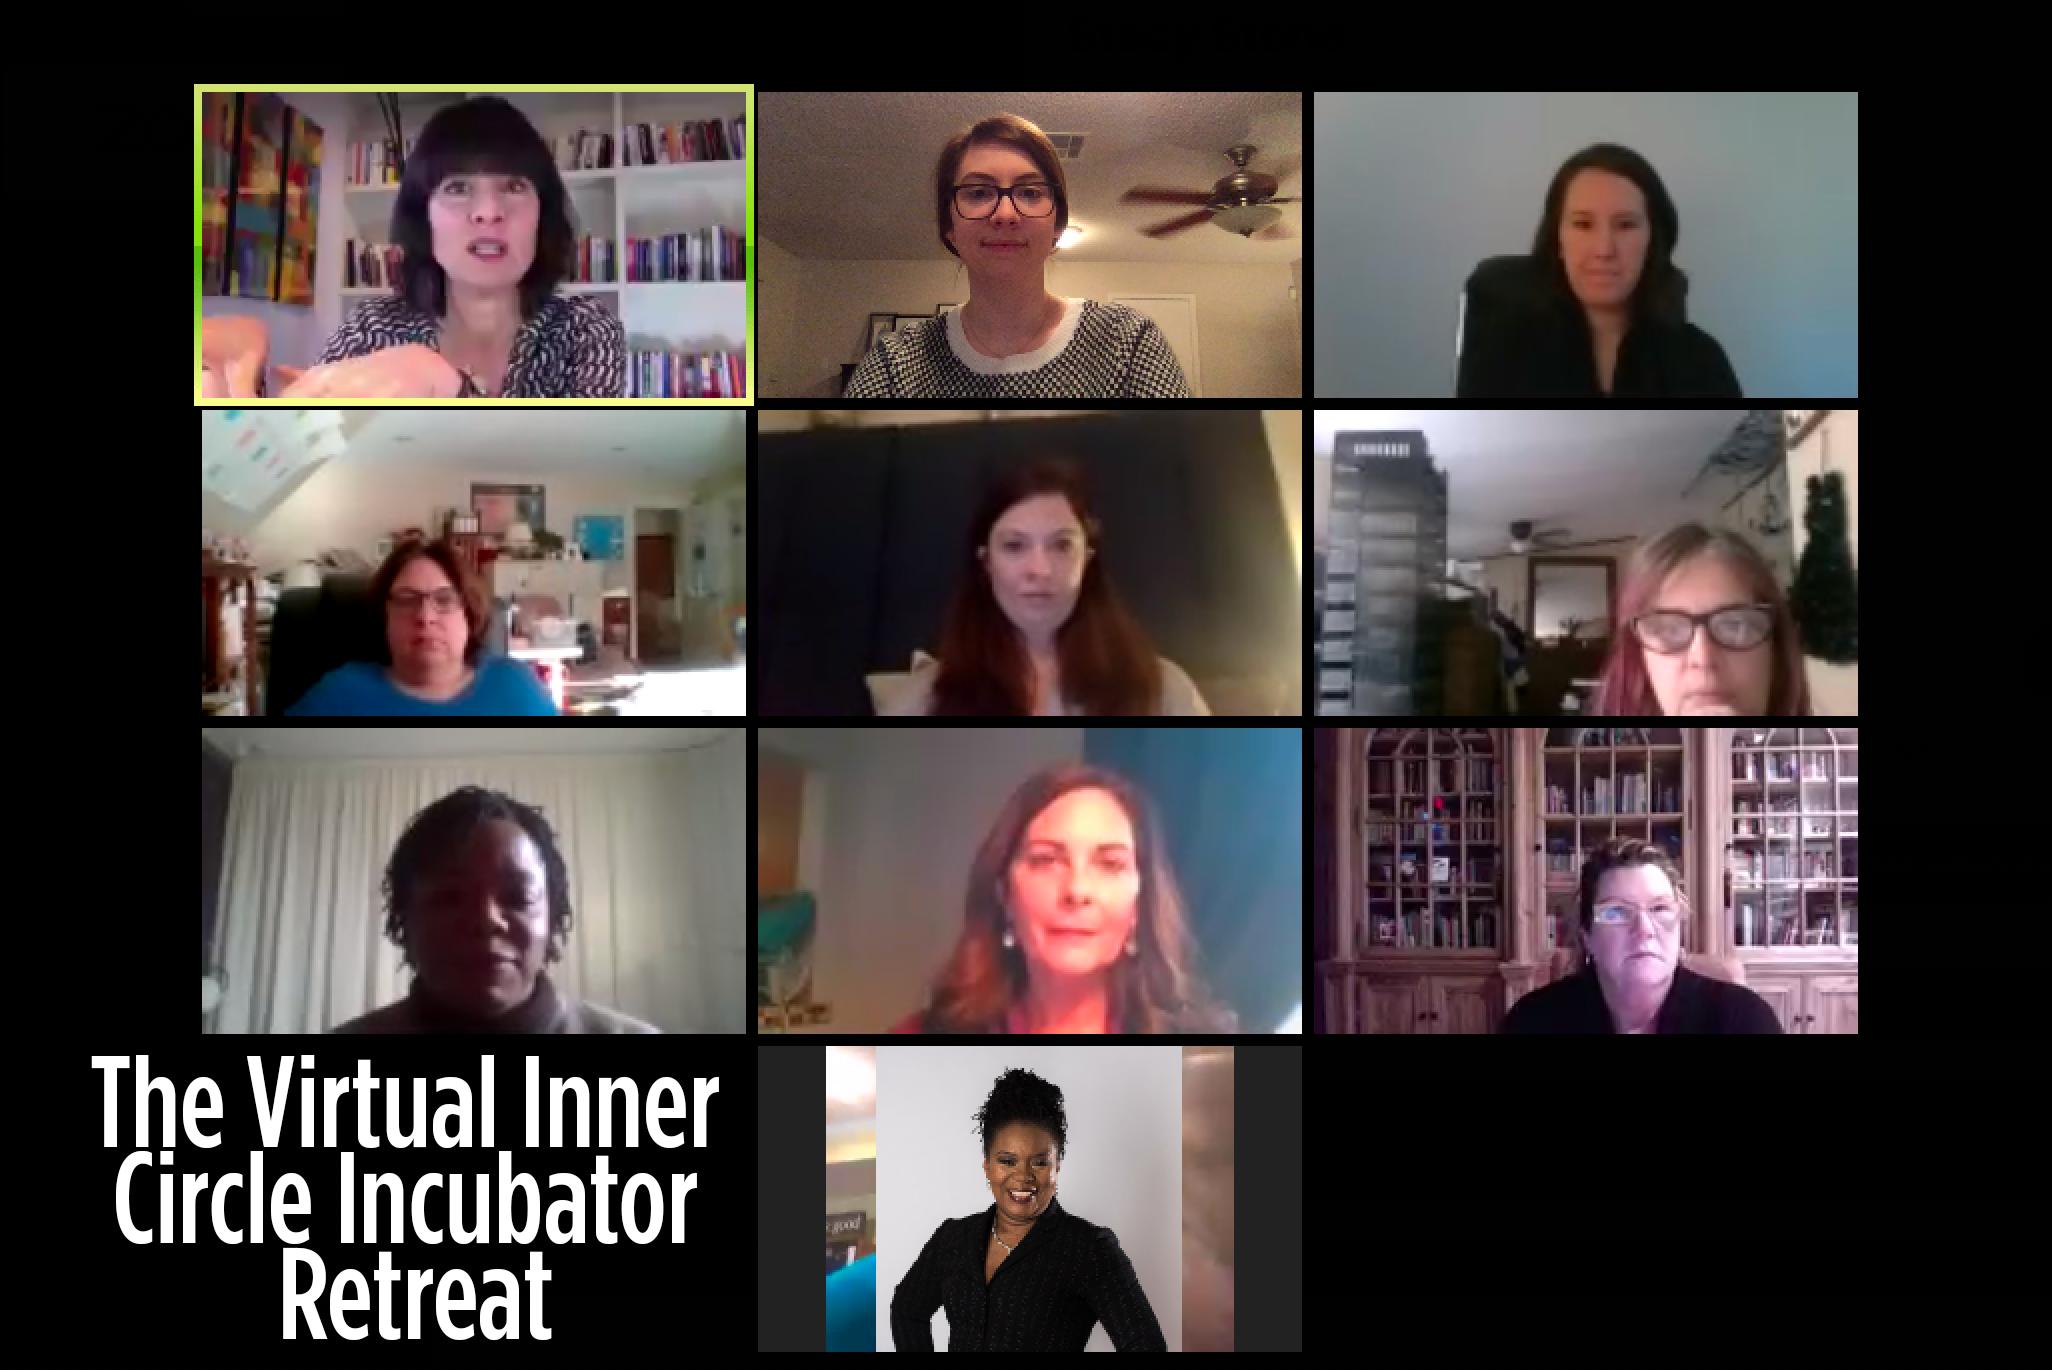 Virtual Inner Circle Incubator Retreat